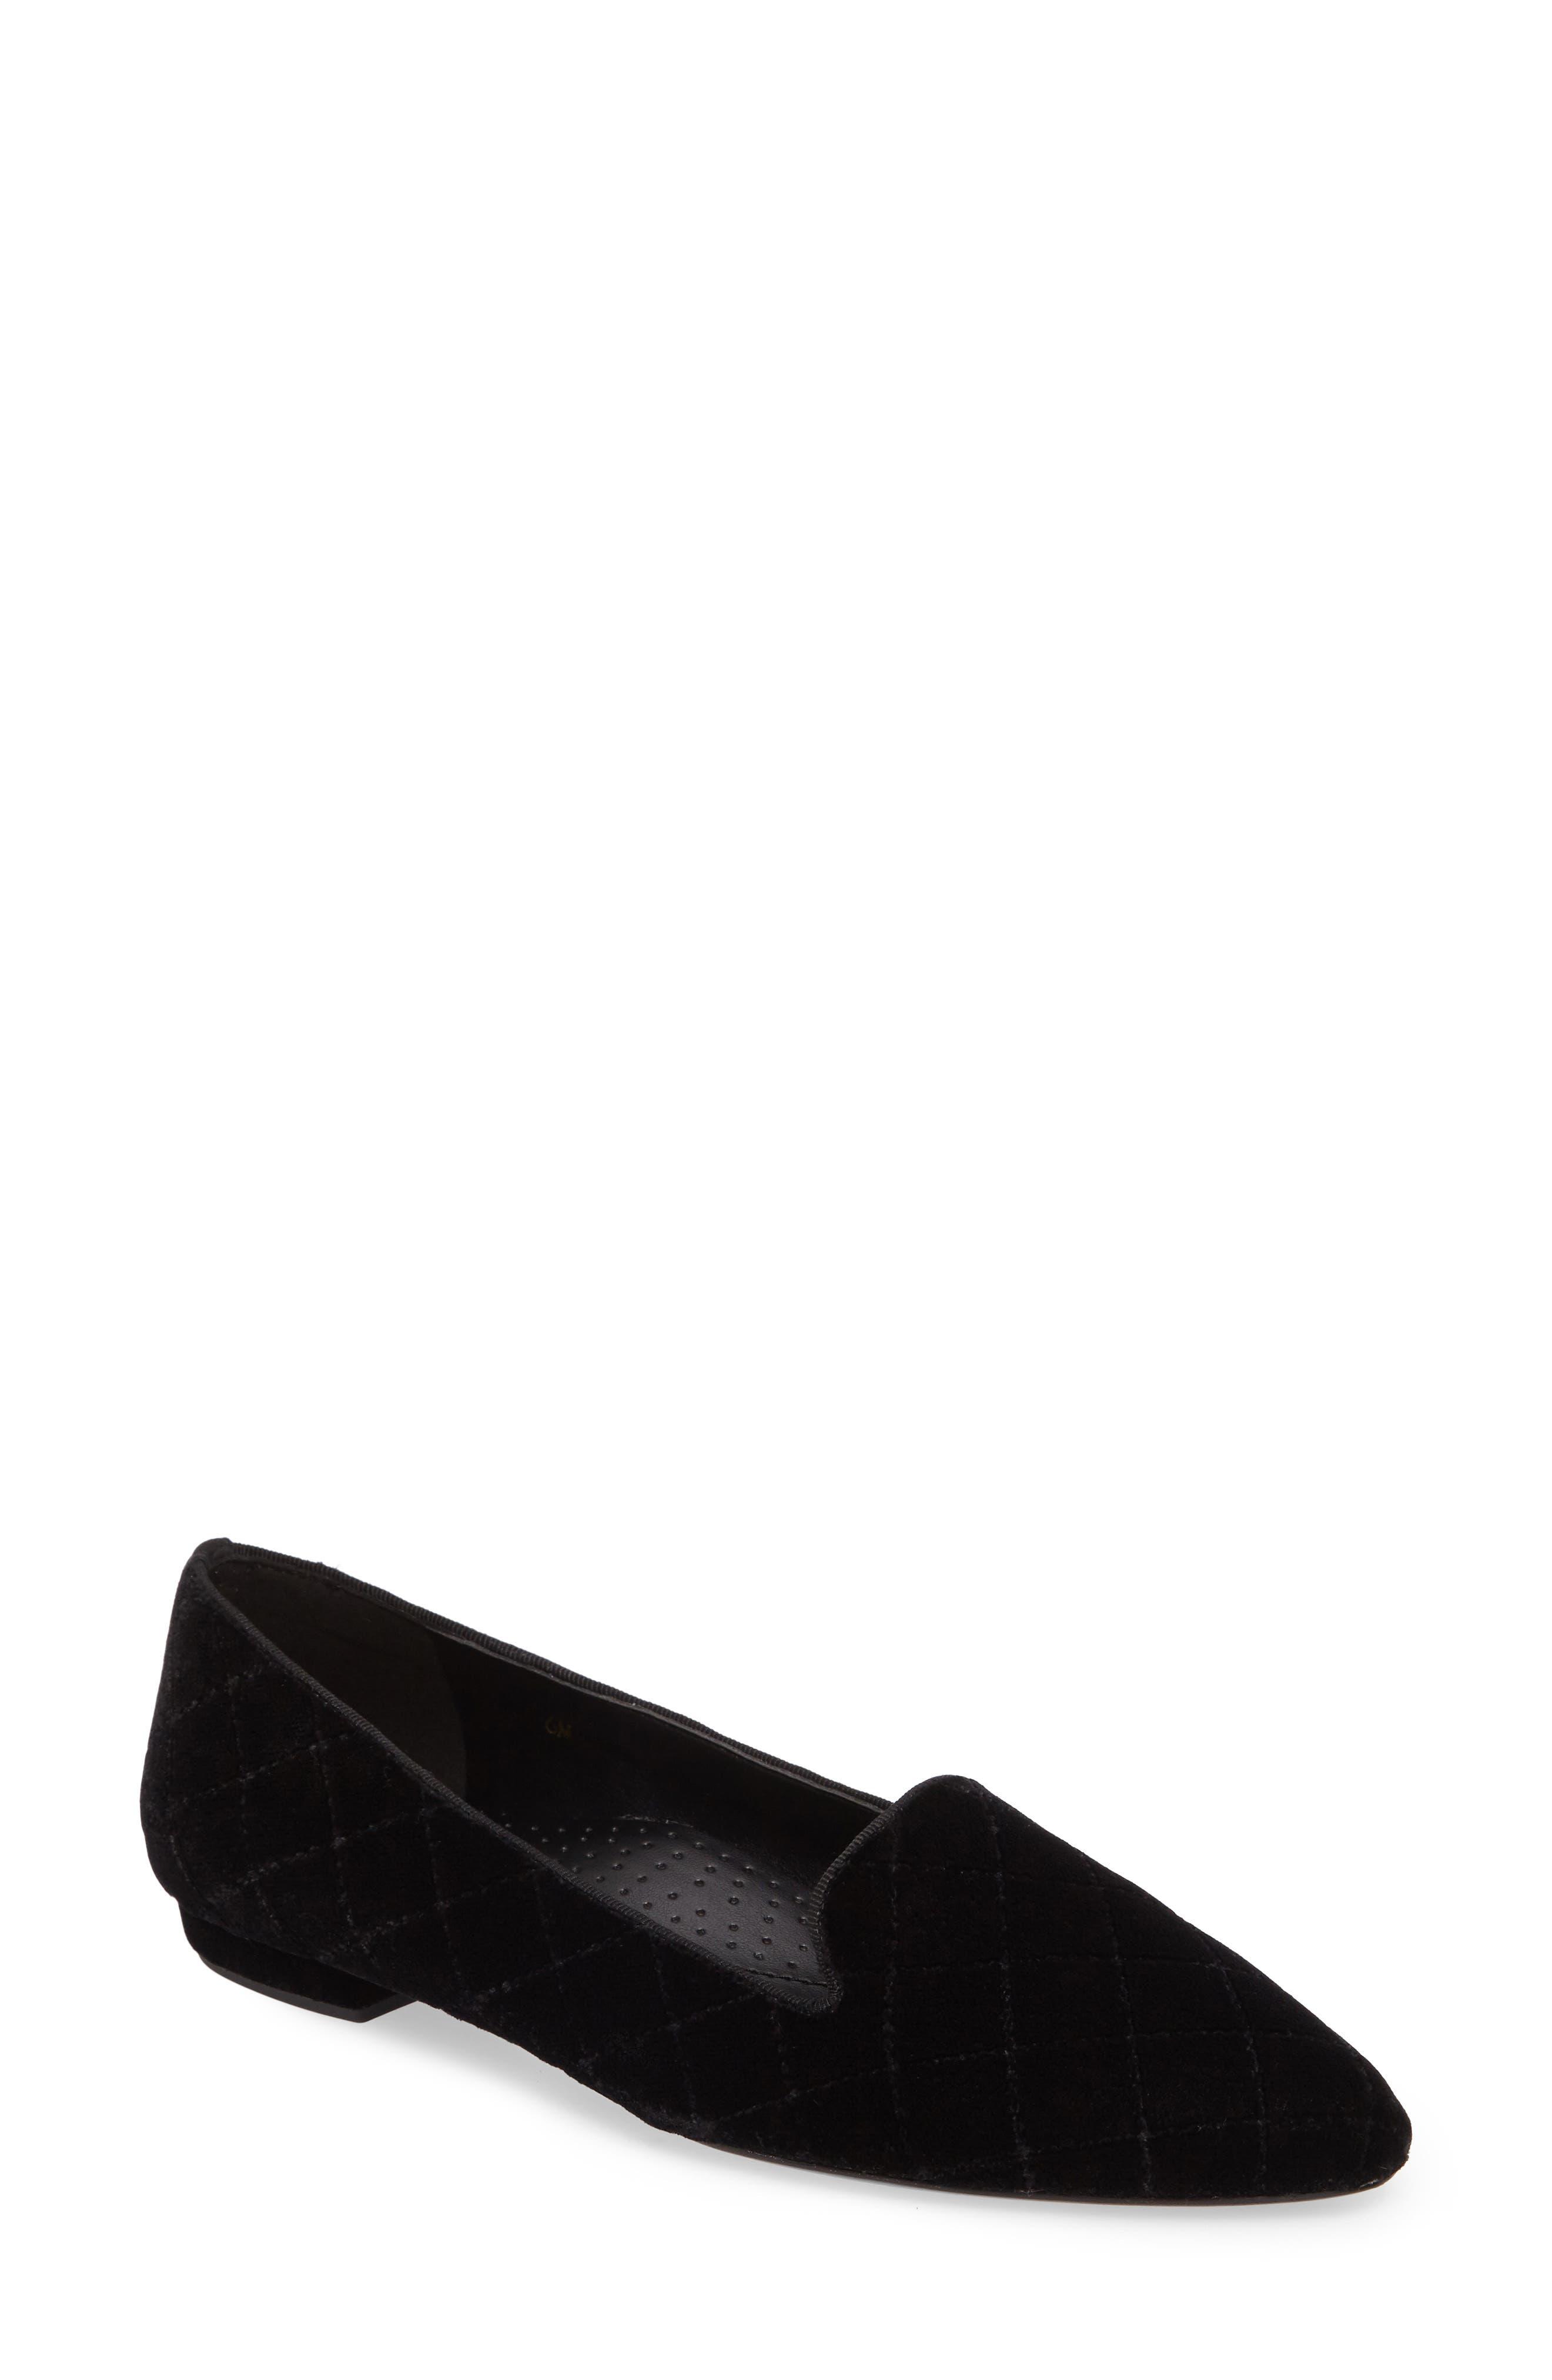 Gannie Diamond Pattern Loafer,                             Main thumbnail 1, color,                             Black Velvet Fabric